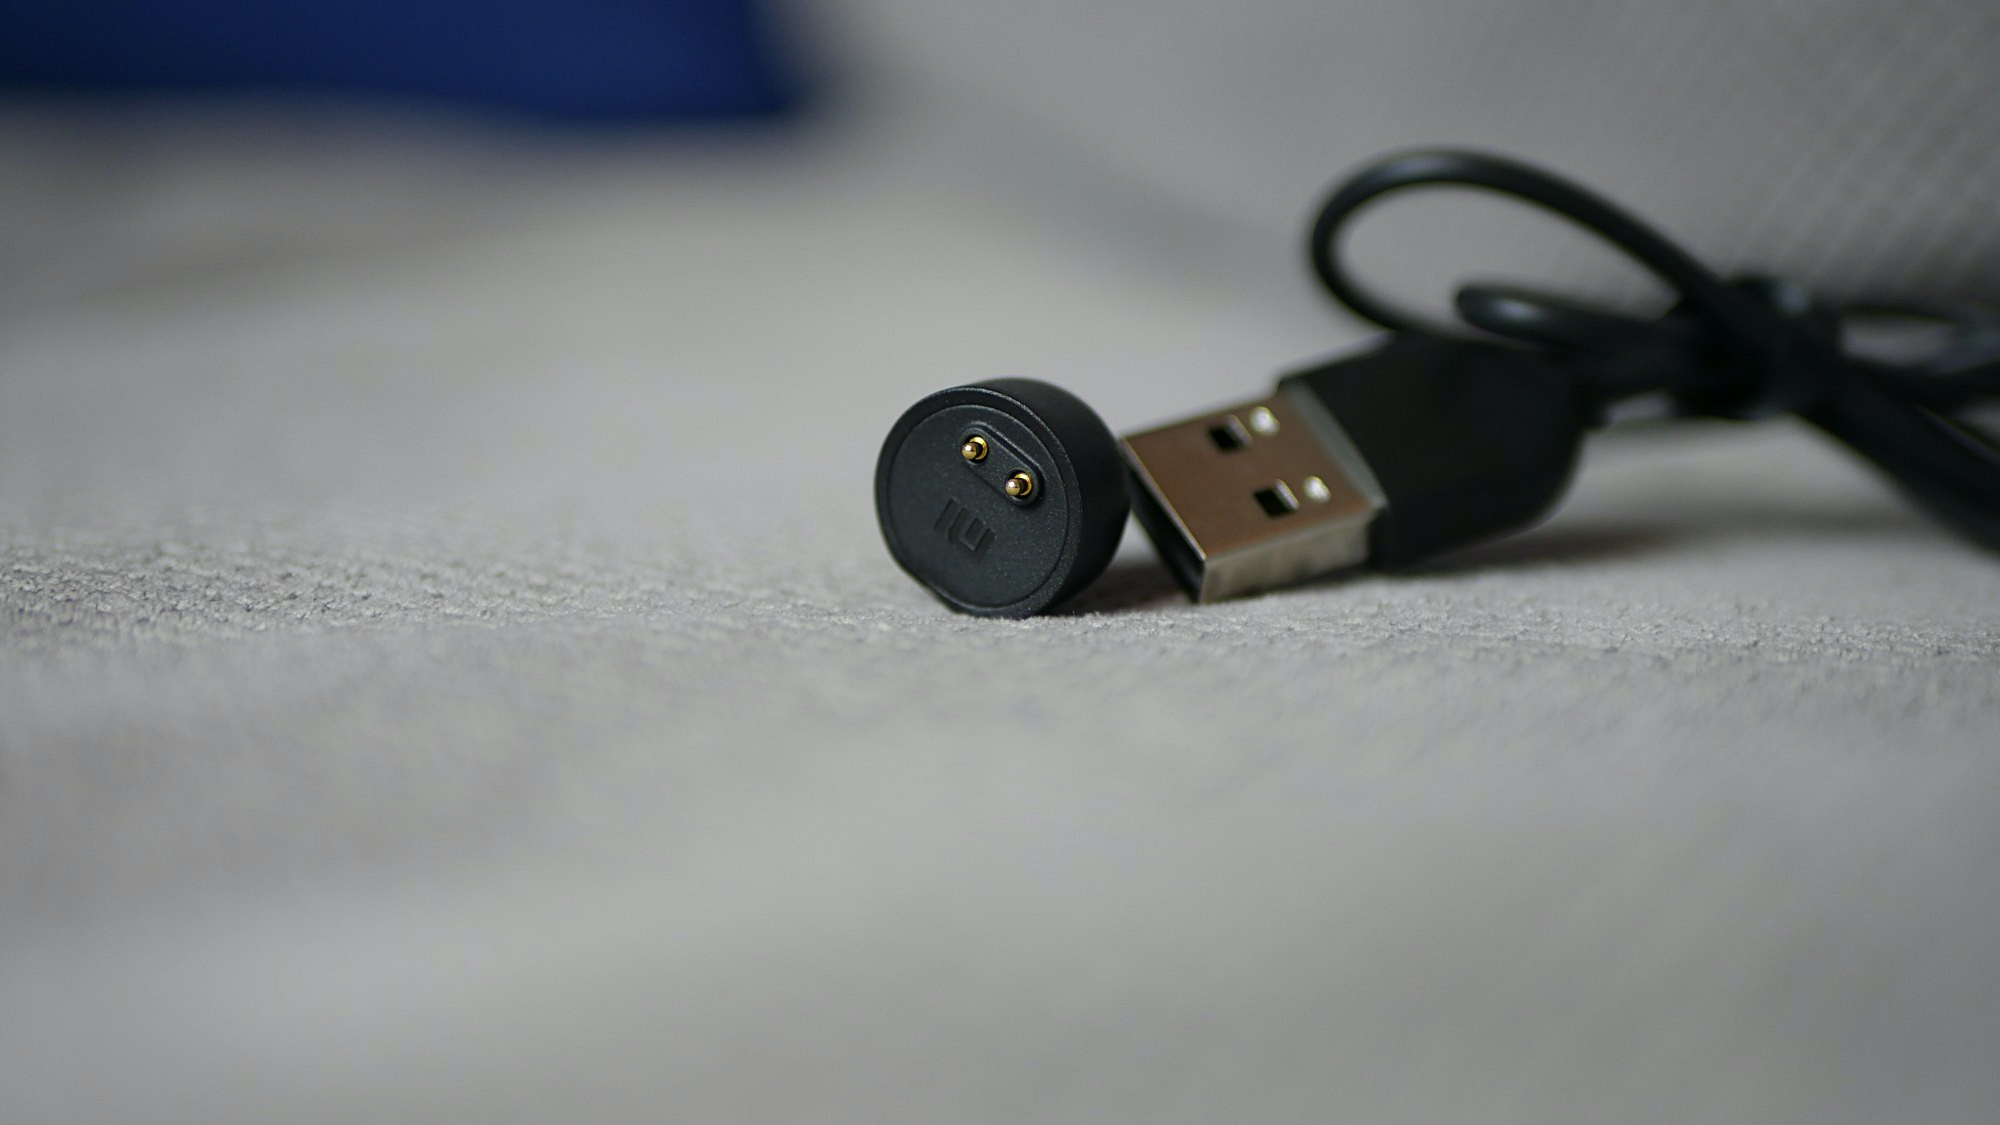 Xiaomi Mi Band 5 / fot. Kacper Żarski